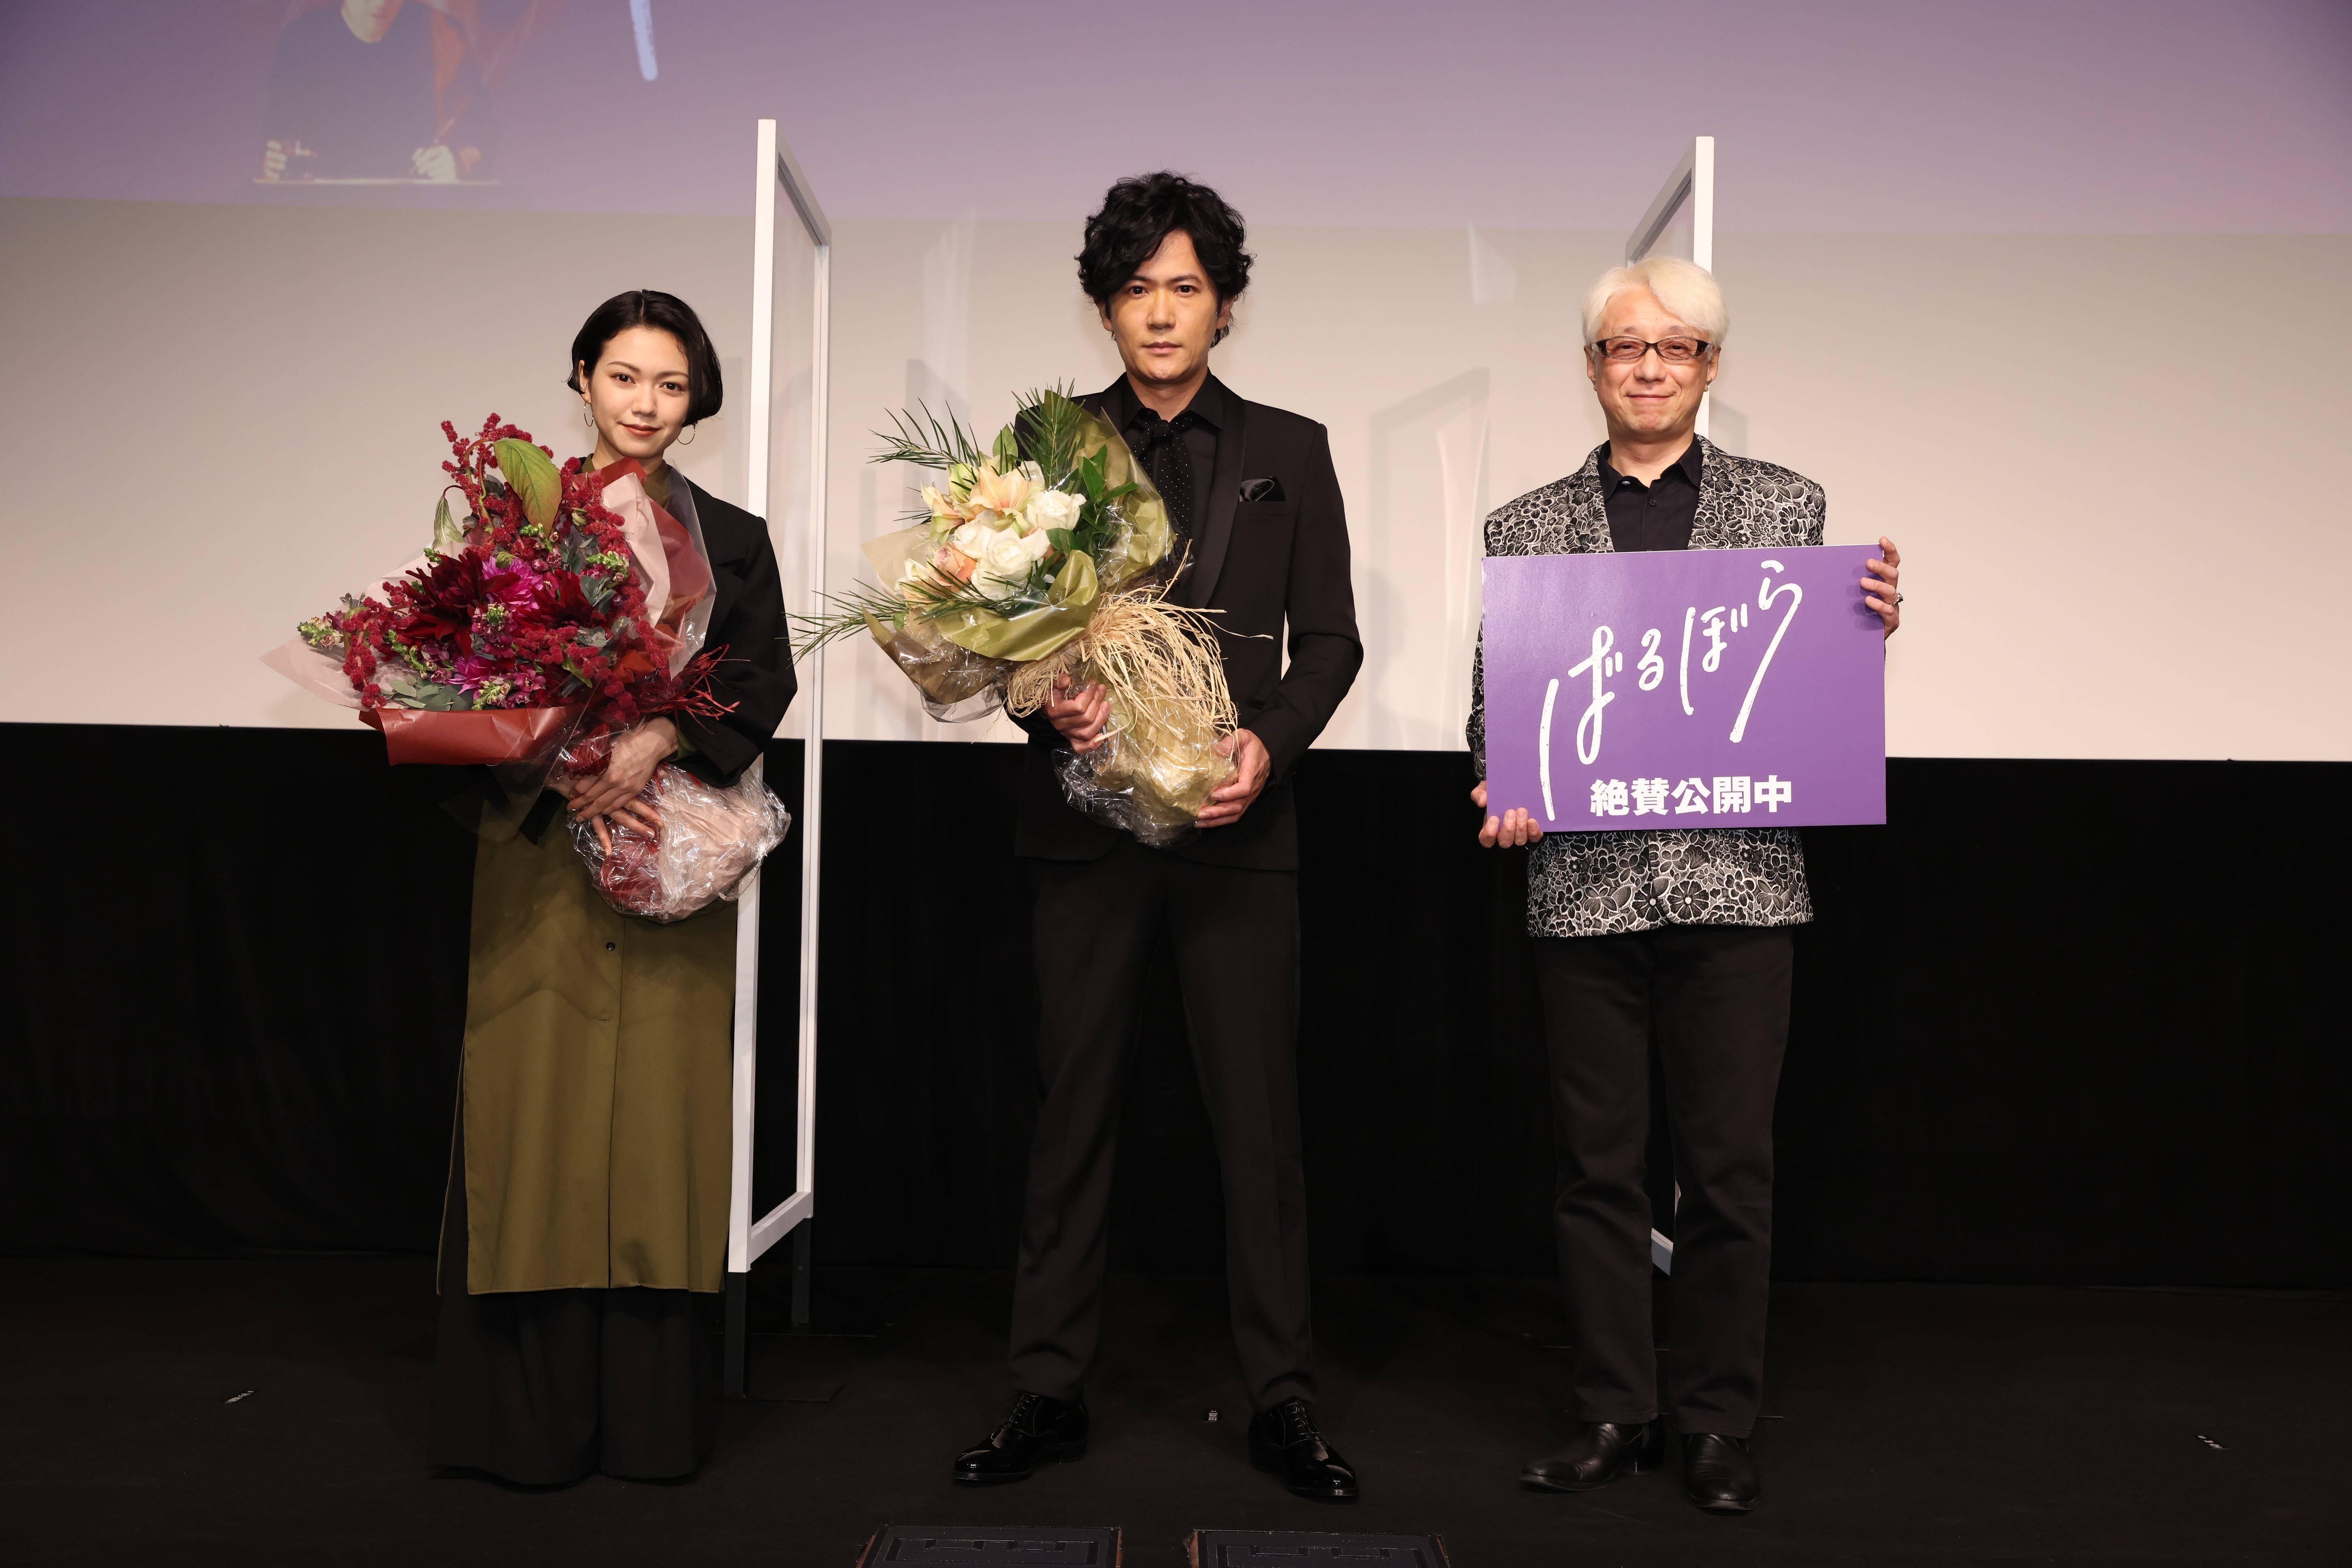 左から、二階堂ふみ、稲垣吾郎、手塚眞監督